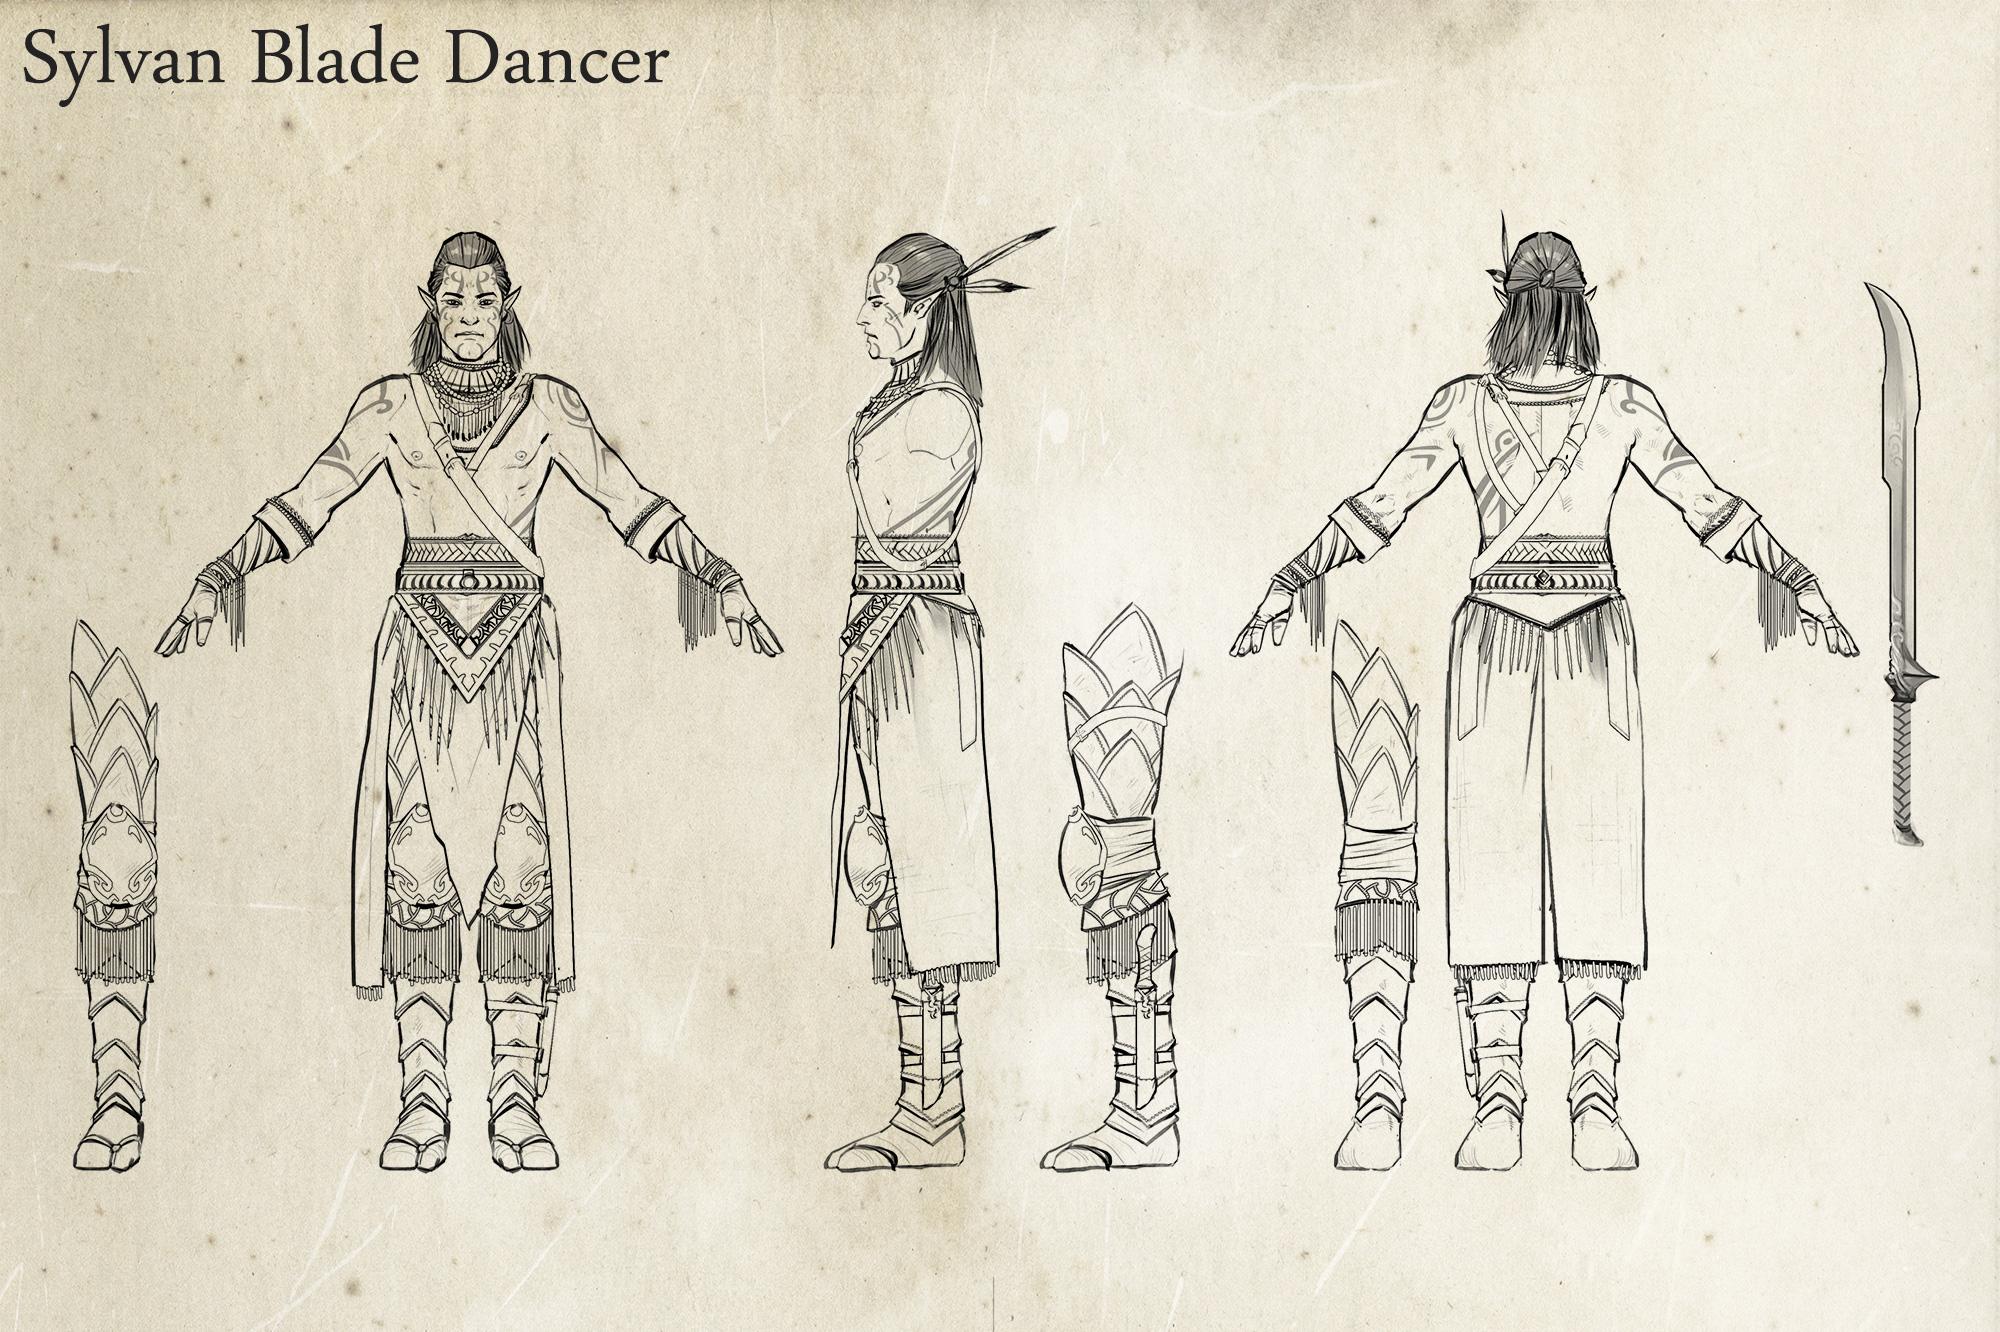 https://ubistatic-a.akamaihd.net/0004/prod/images/150624_Sylvan_2/MMH7_Blade_Dancer_T.jpg